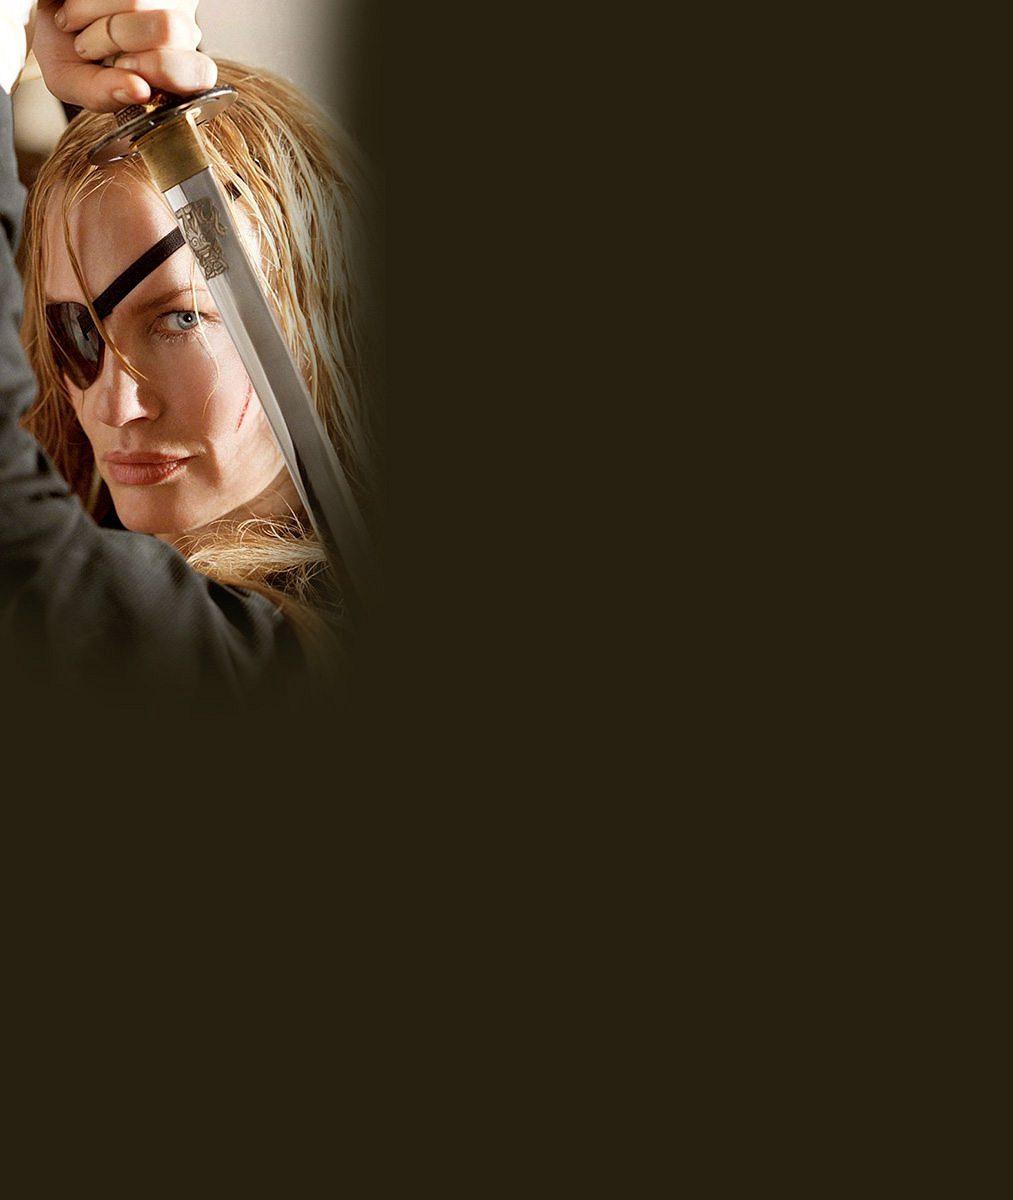 Táta s dcerou? Kdepak, legendární zpěvák randí s hvězdou Žbluňk a Kill Bill už přes dva roky